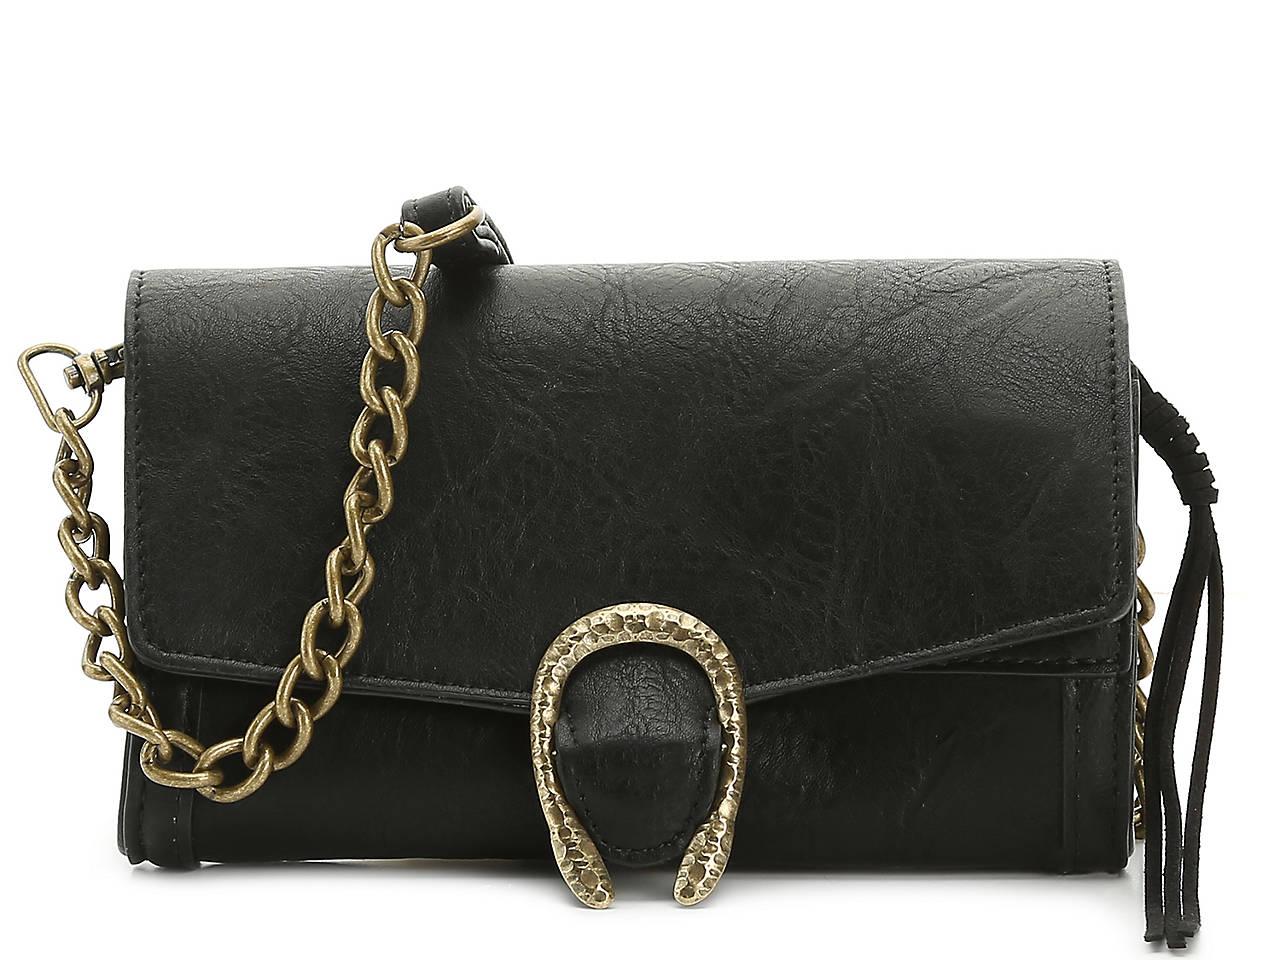 8a14928d0965 Madden Girl Grate Crossbody Bag Women s Handbags   Accessories